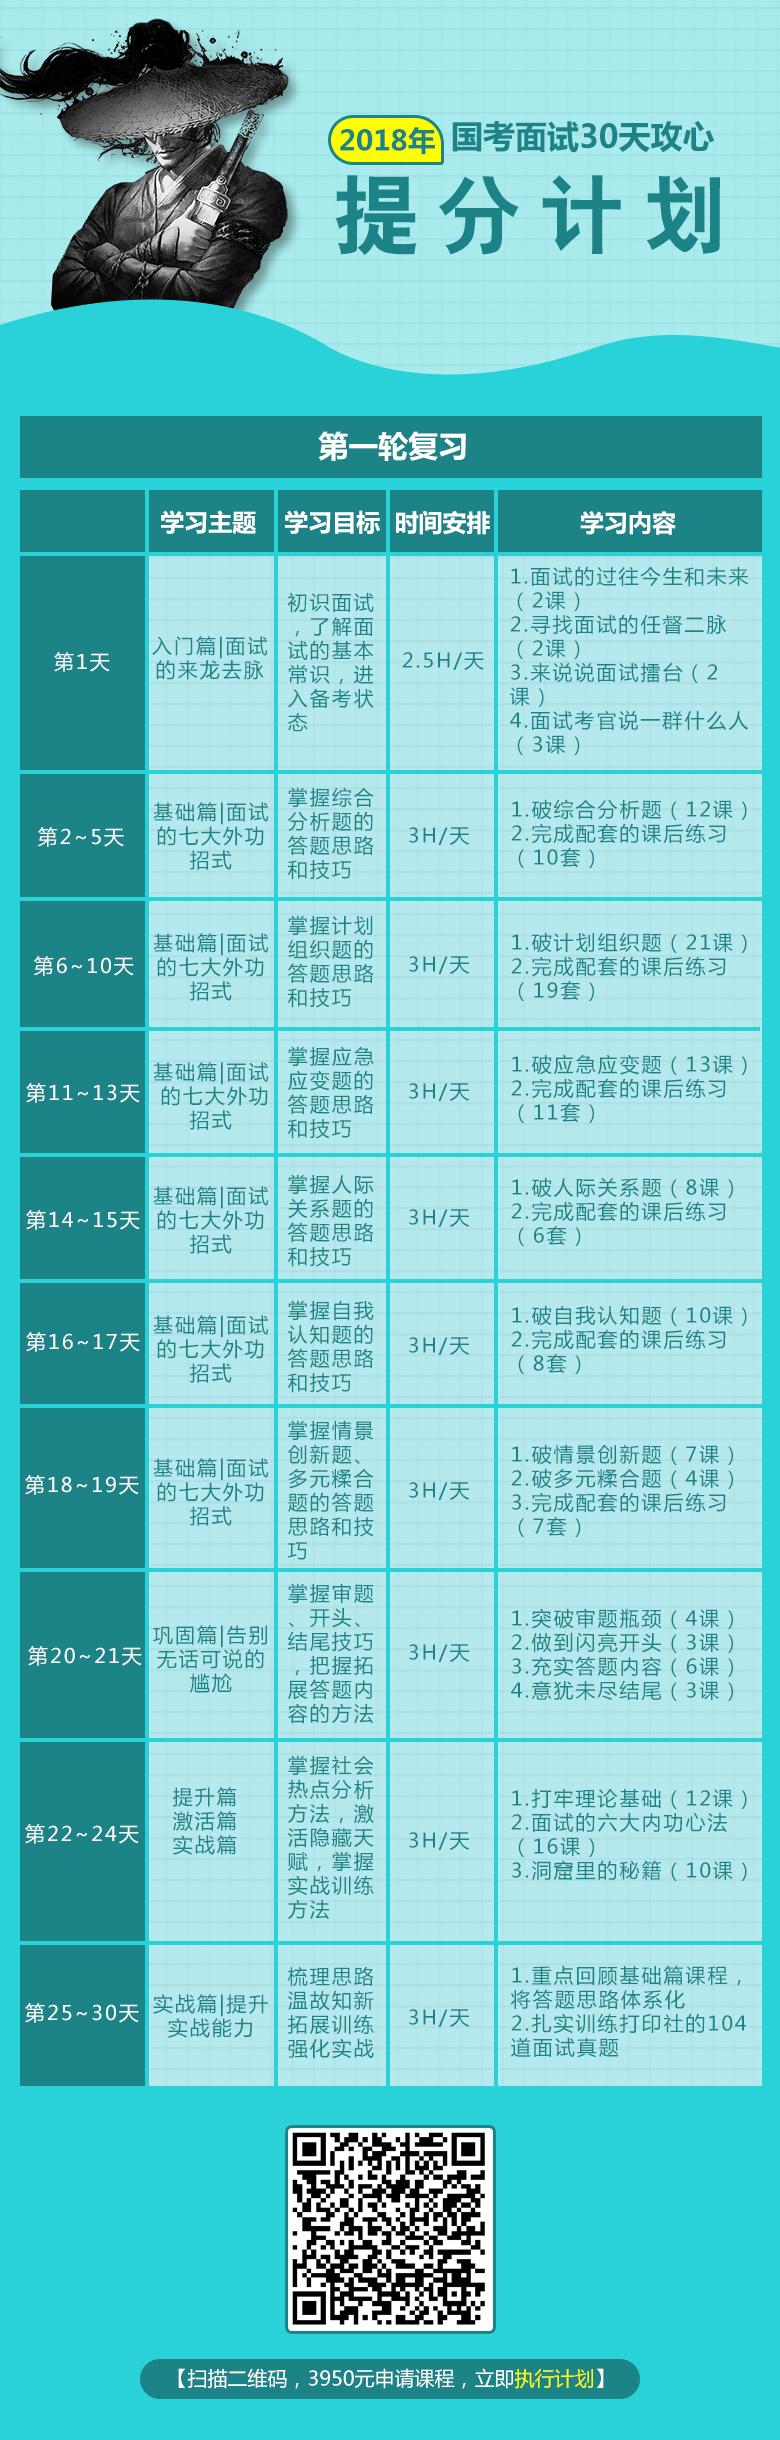 2018年国考面试30天攻心提分计划.jpg